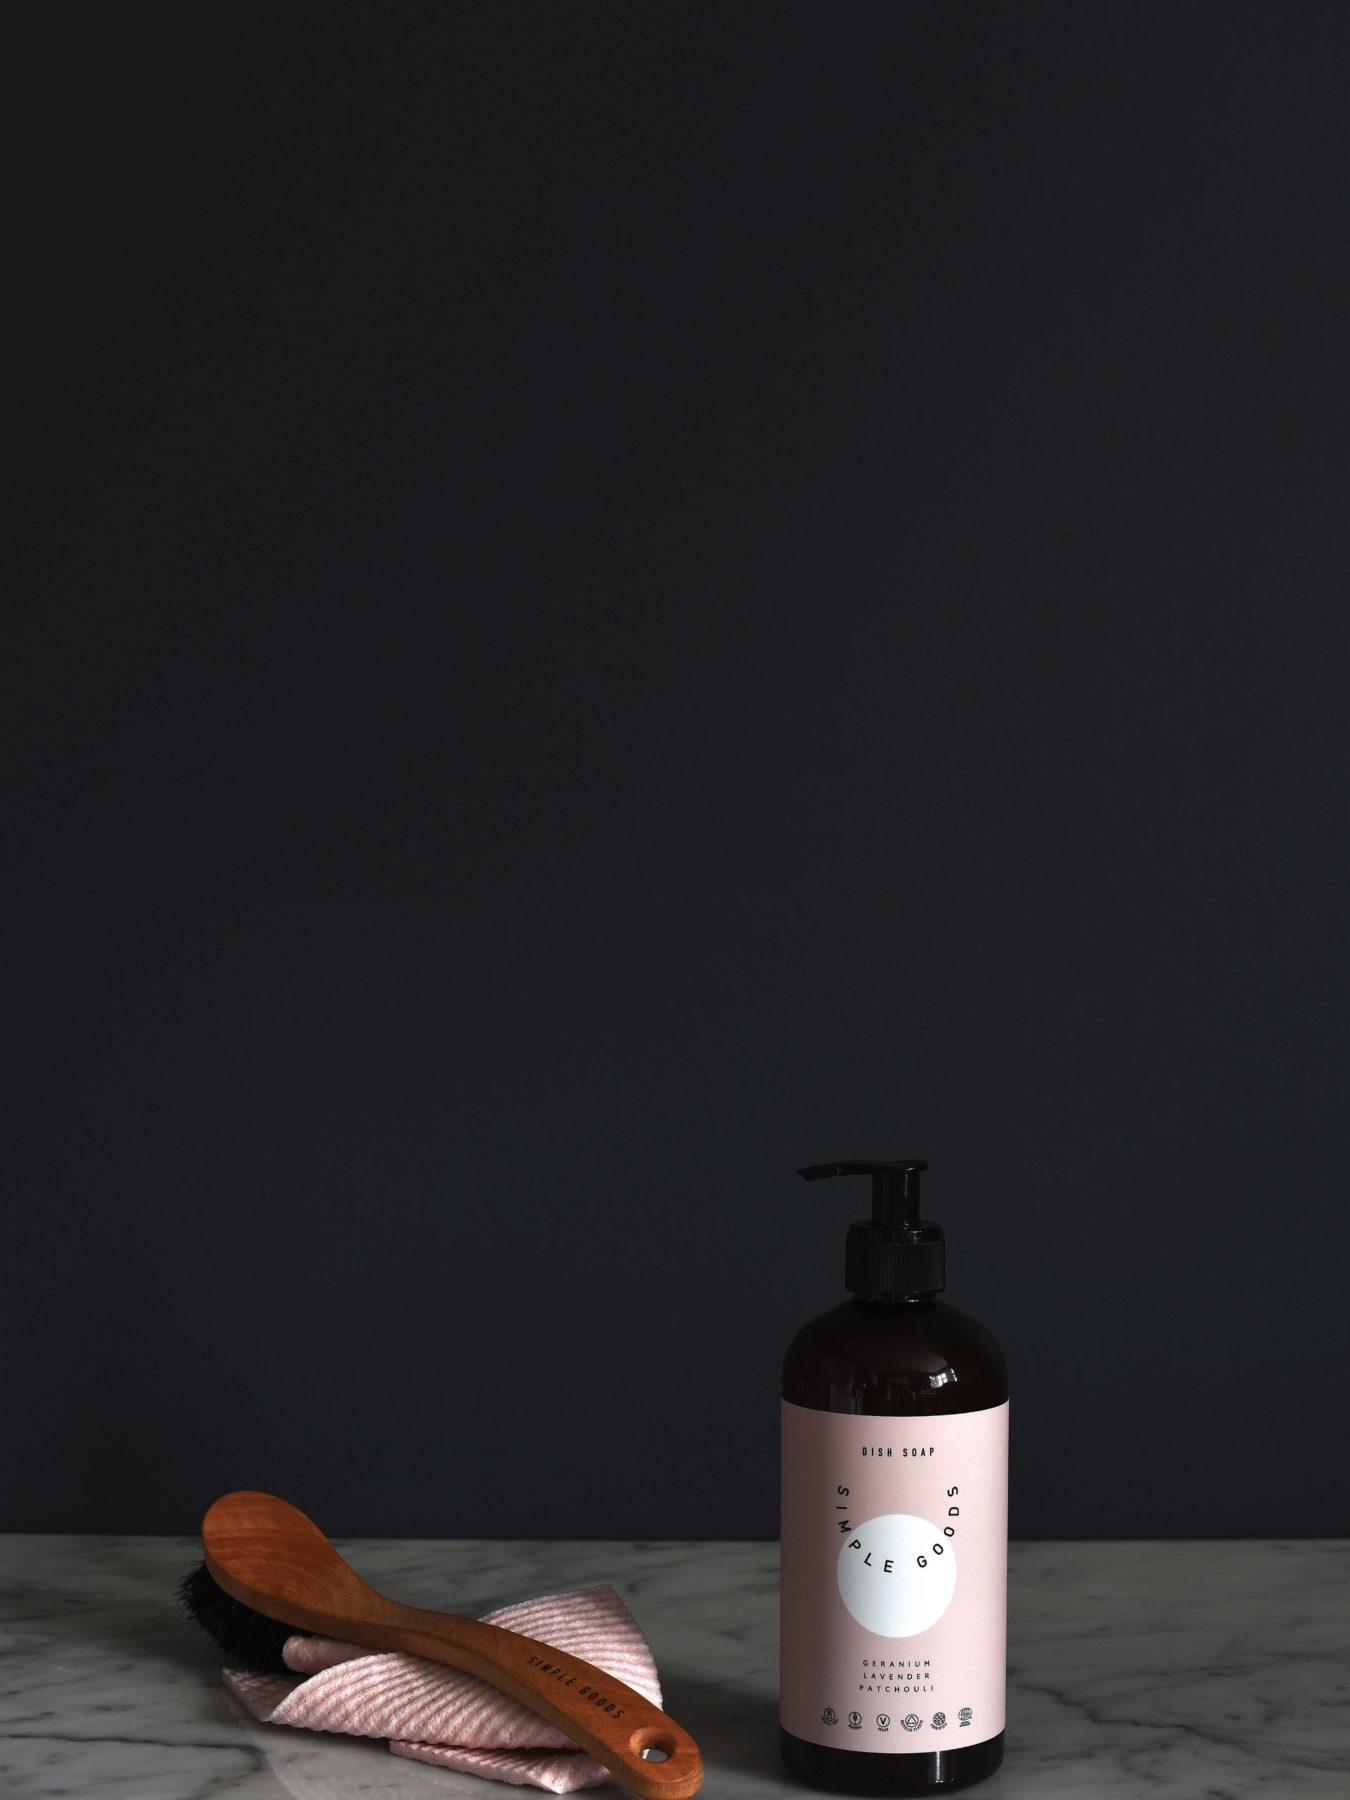 Simple Goods - Dish Soap 450 ml, Geranium